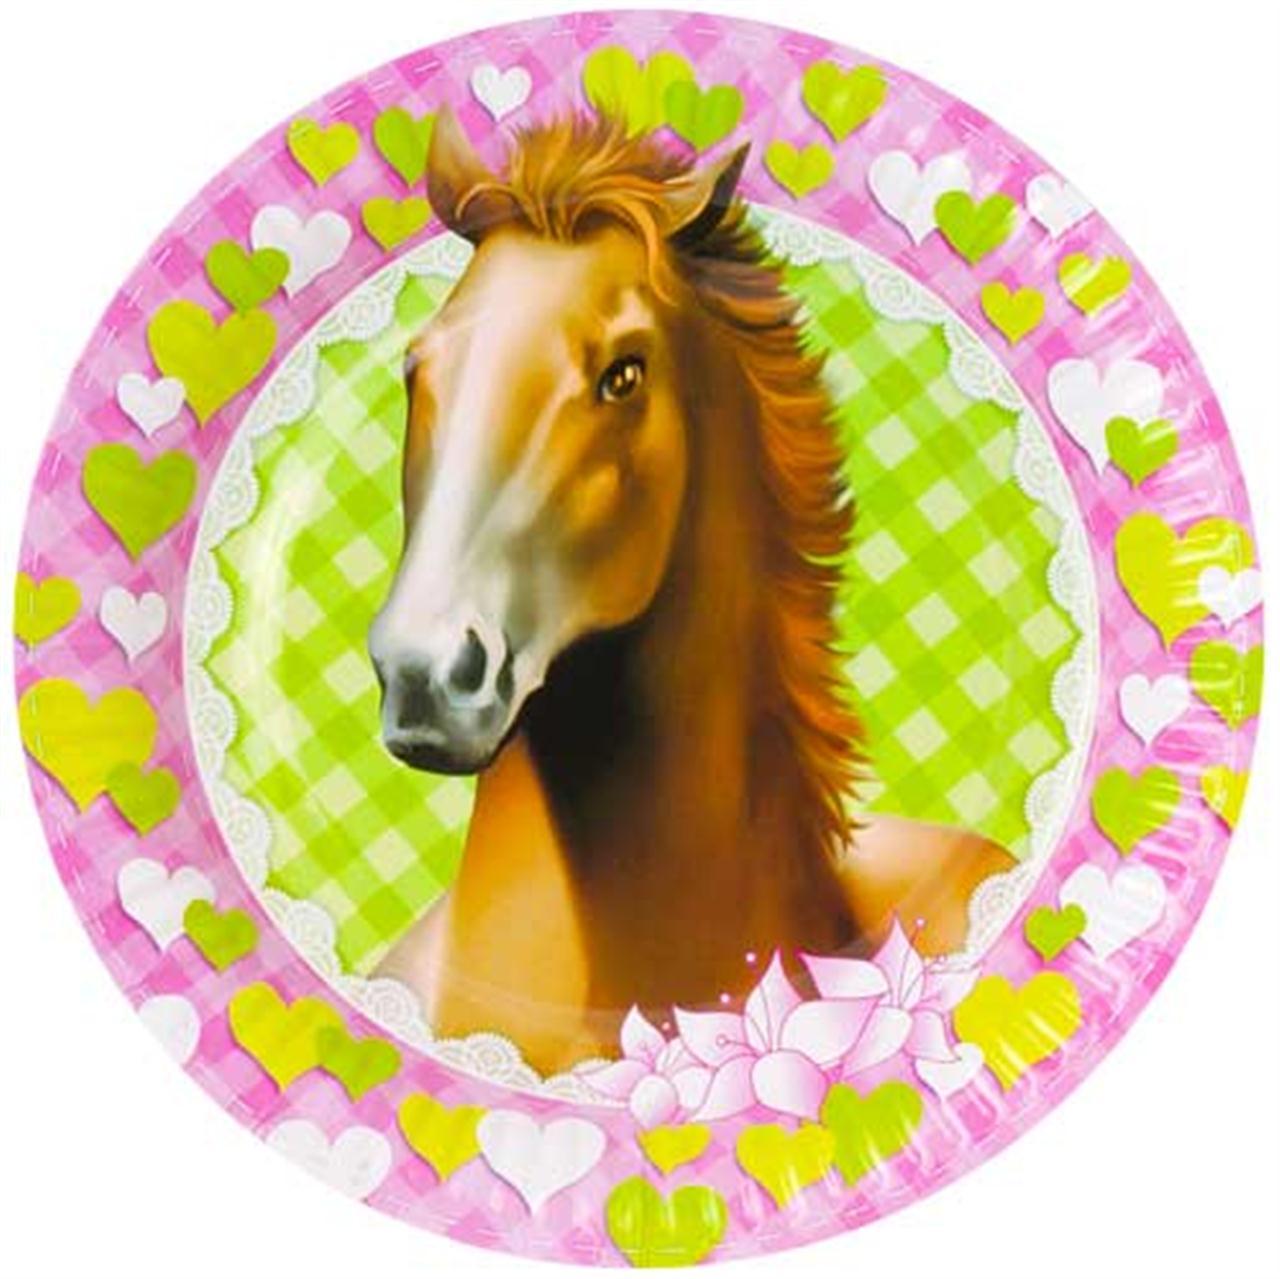 Feest borden met paarden